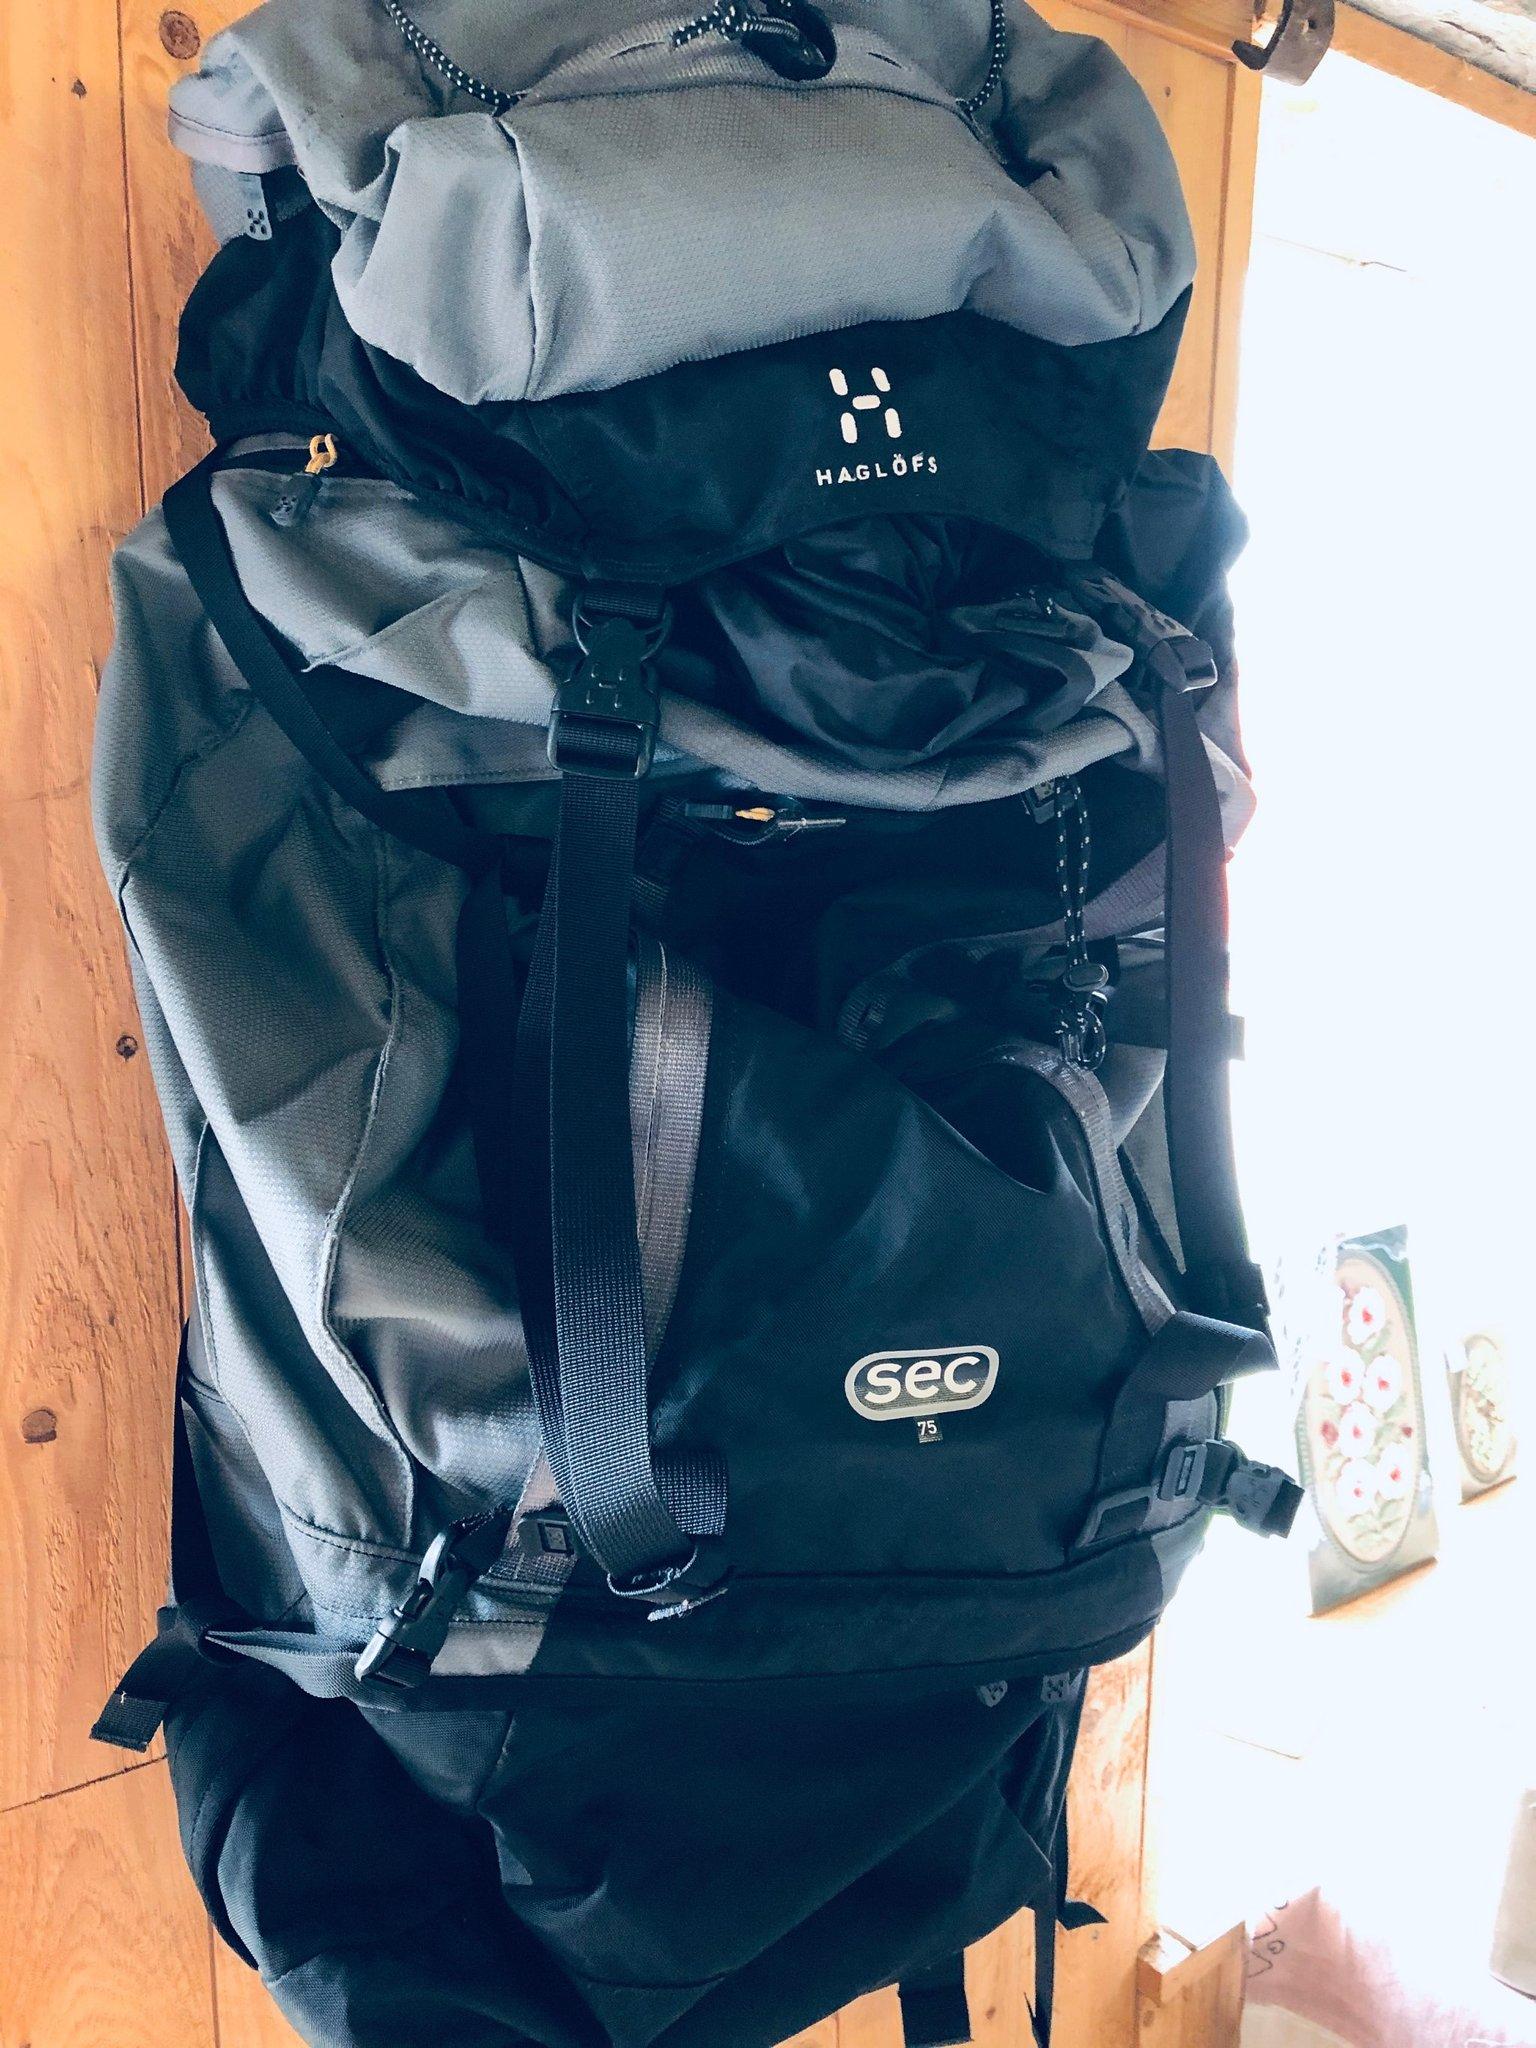 Haglöfs ryggsäck SEC 75 l (414854737) ᐈ Köp på Tradera